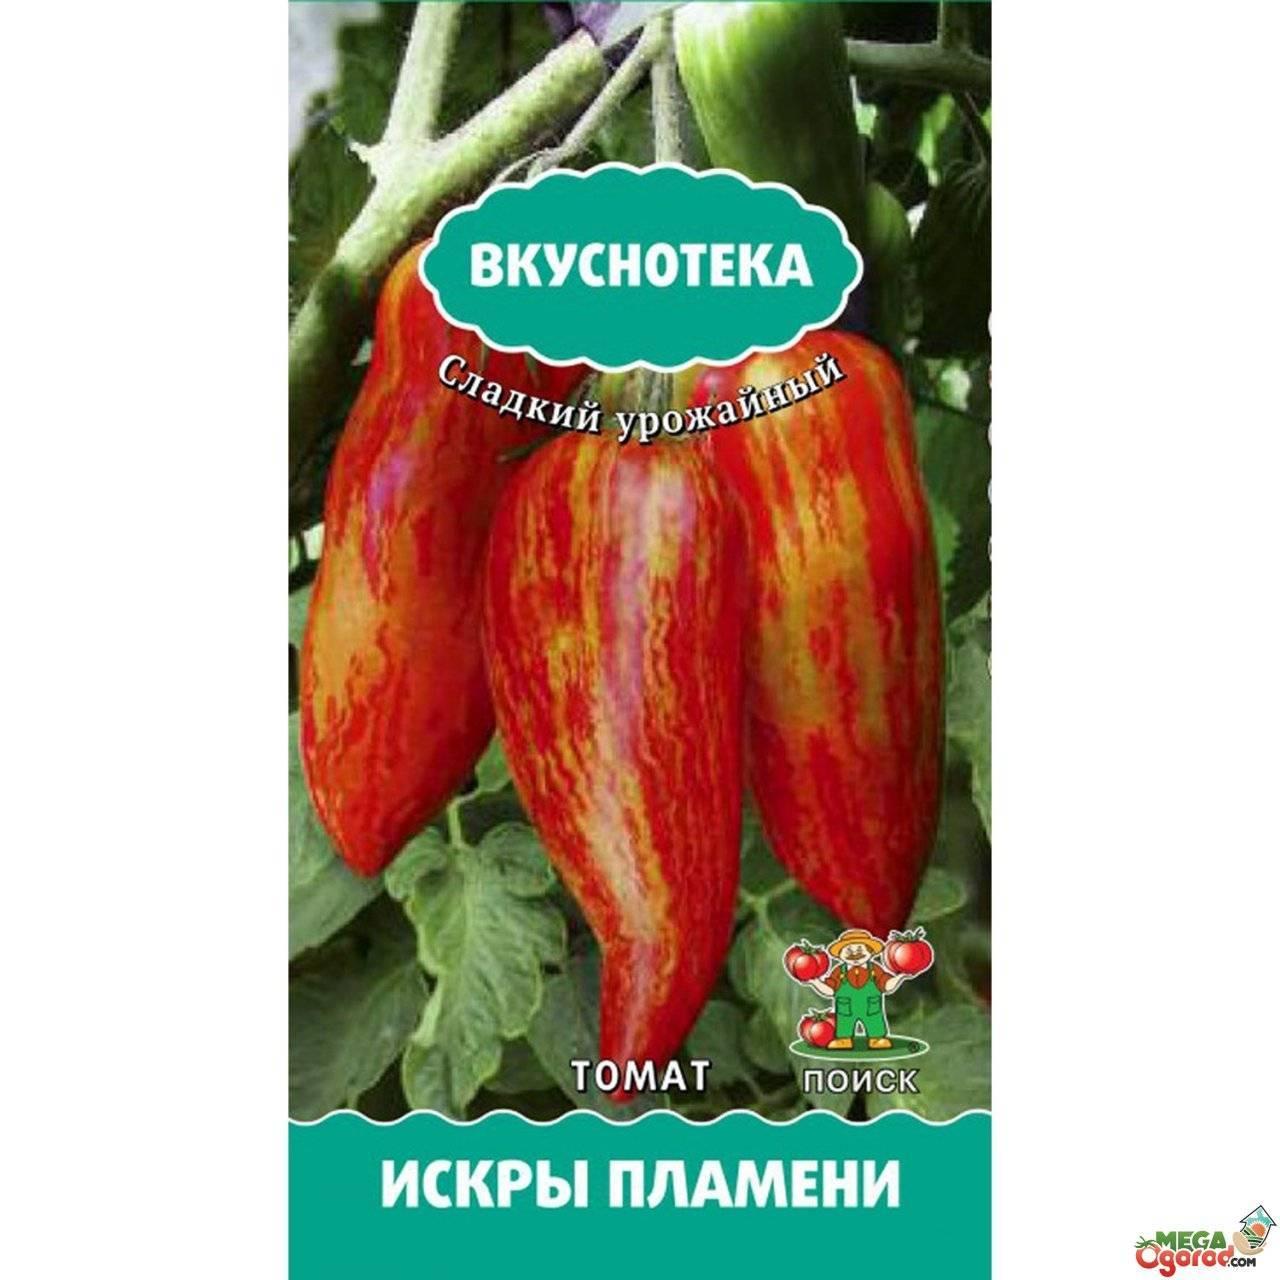 Огненный томат для теплиц – искры пламени. подробности агротехники и описание сорта